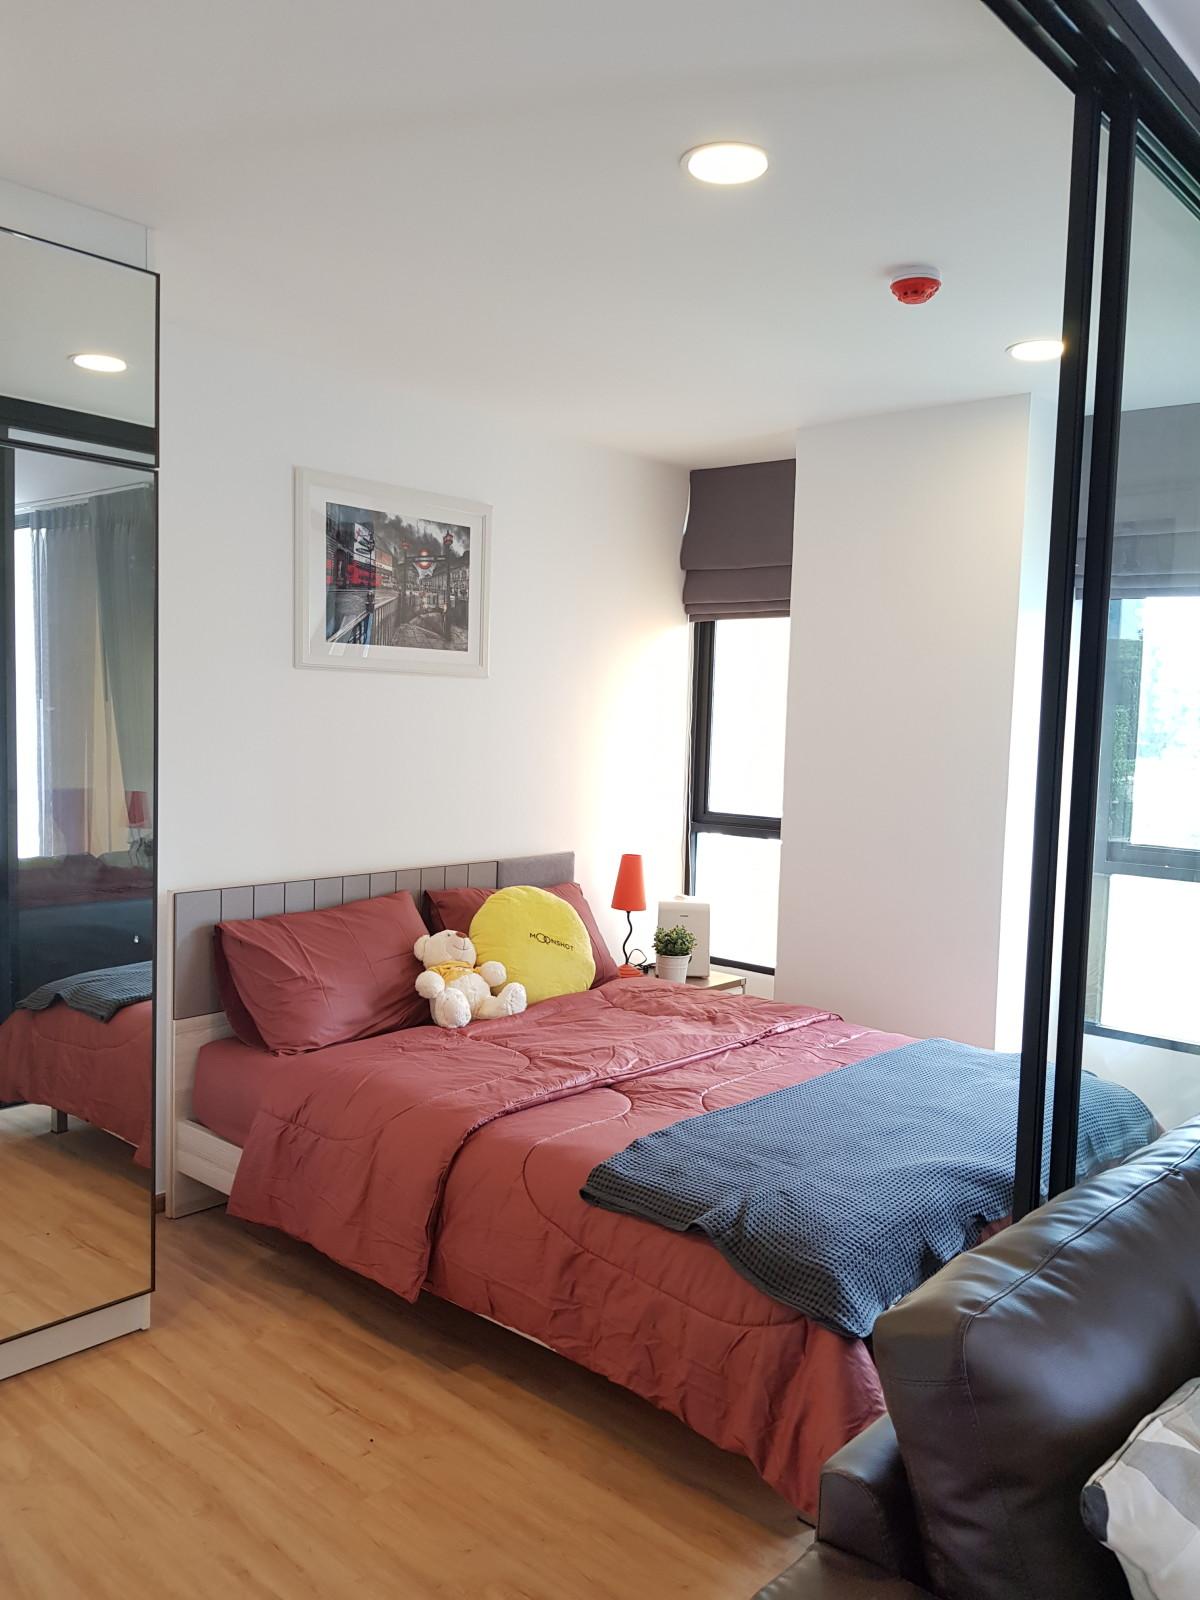 ประกาศ[Rent] NH The Exclusive เจริญกรุง 93 1 Bed 33.13 Sq.m. Rental Price 15000